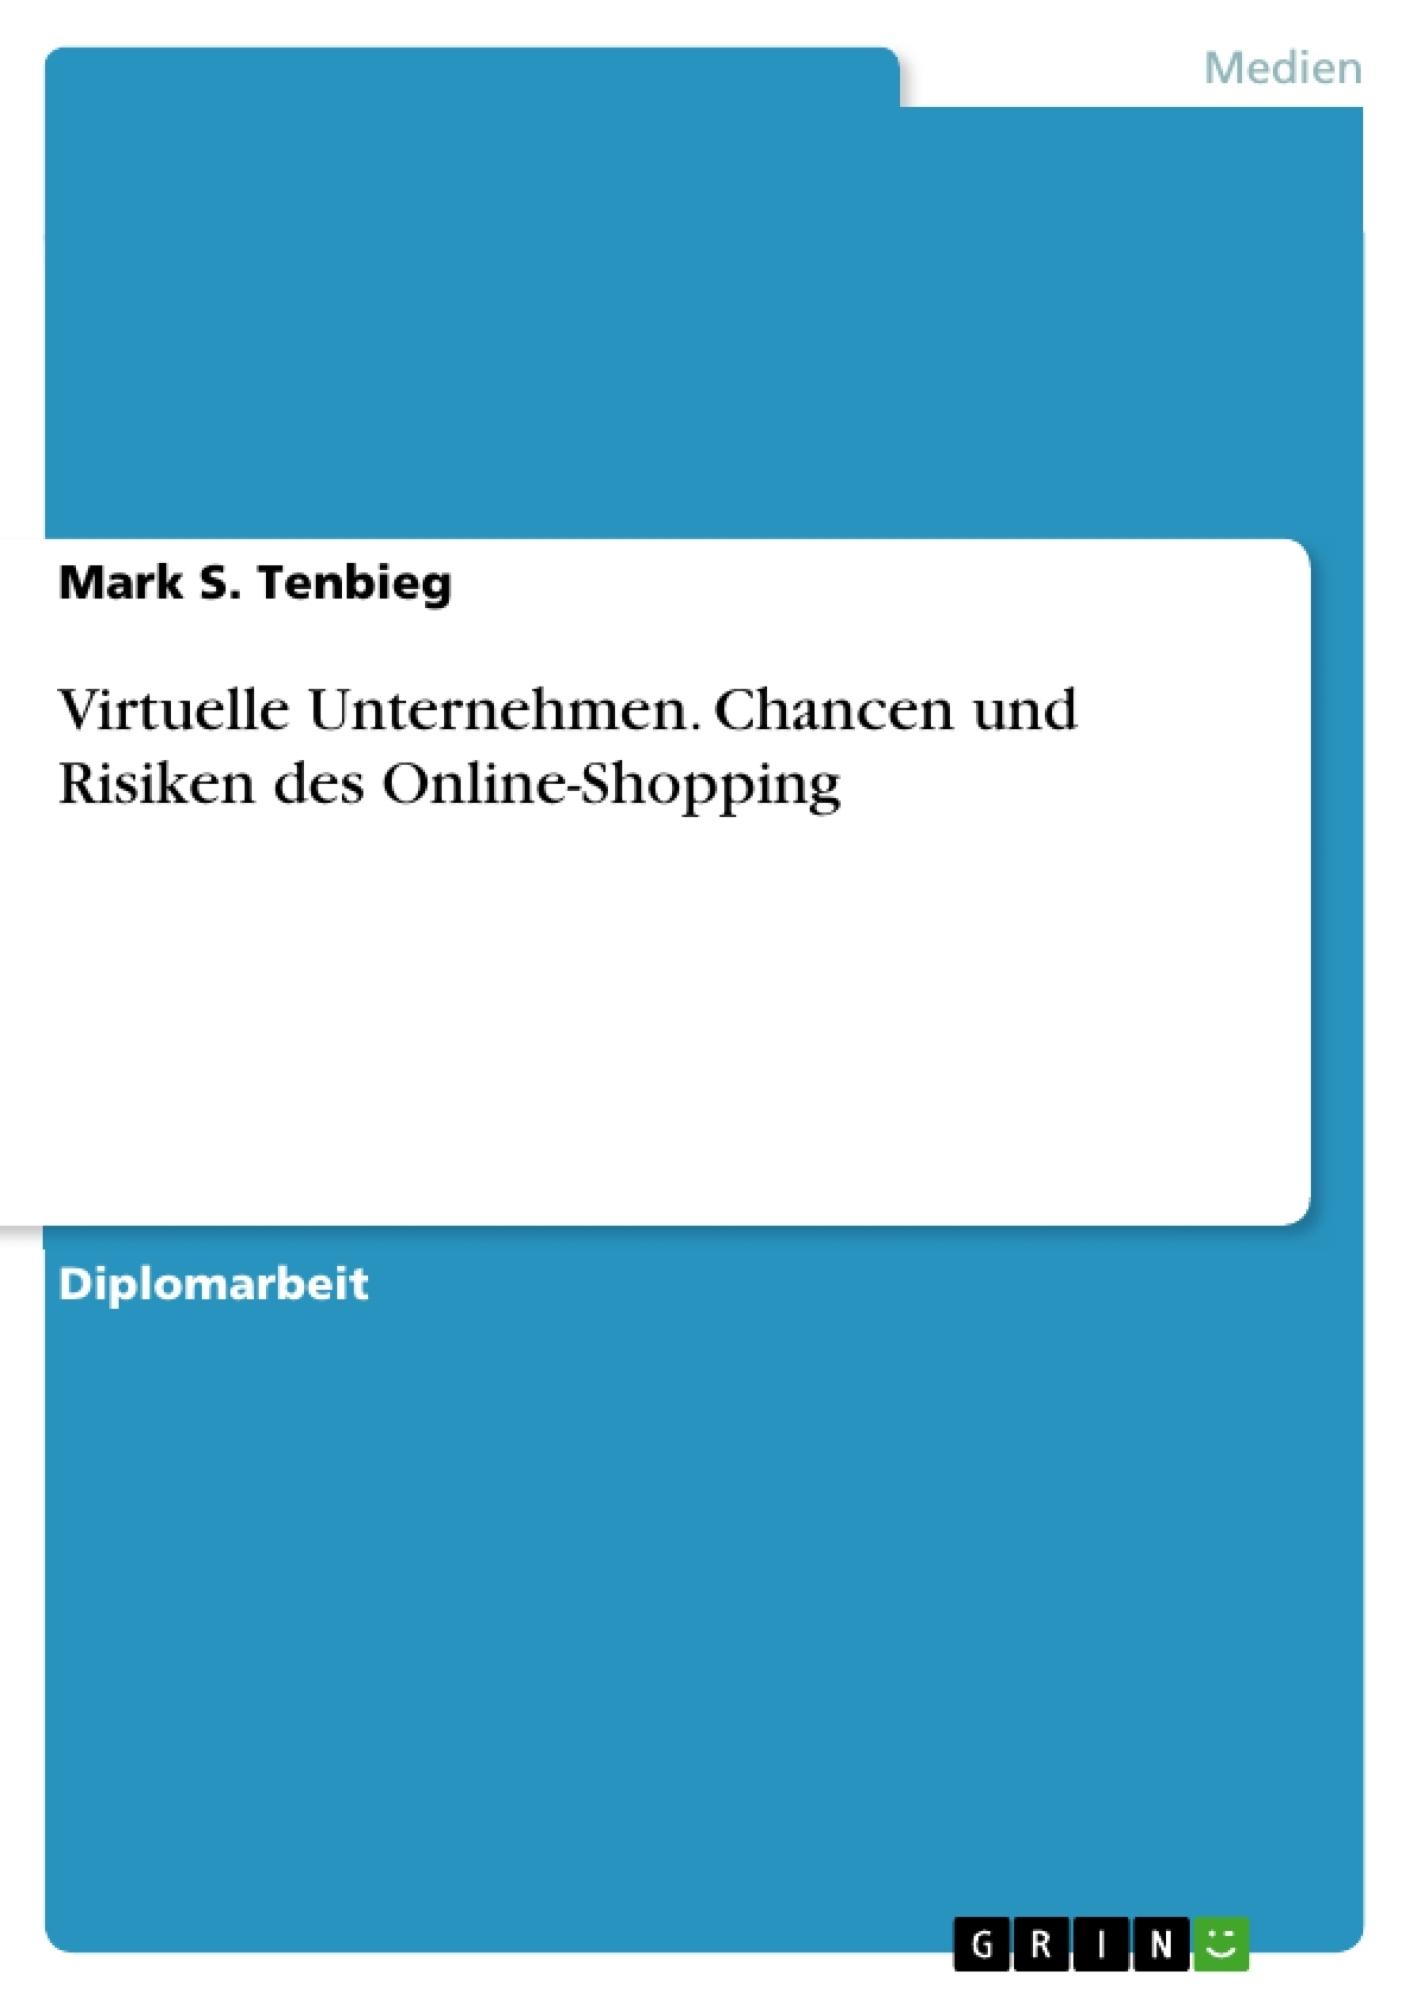 Titel: Virtuelle Unternehmen. Chancen und Risiken des Online-Shopping